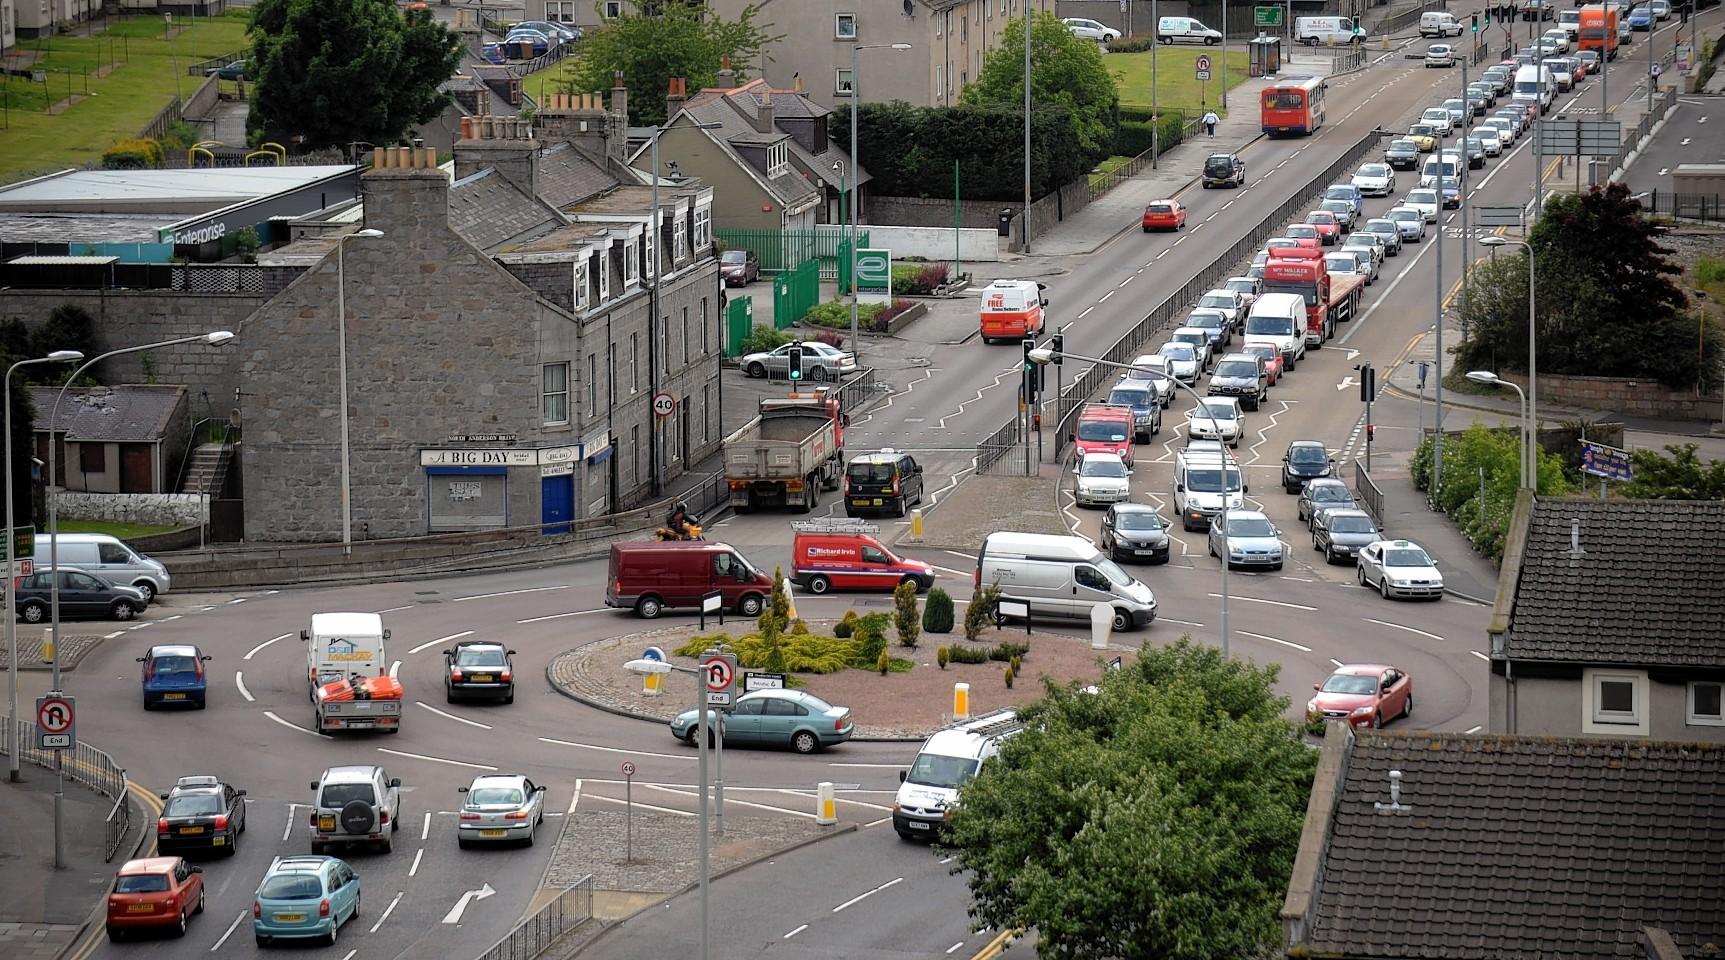 Haudagain Roundabout, Aberdeen